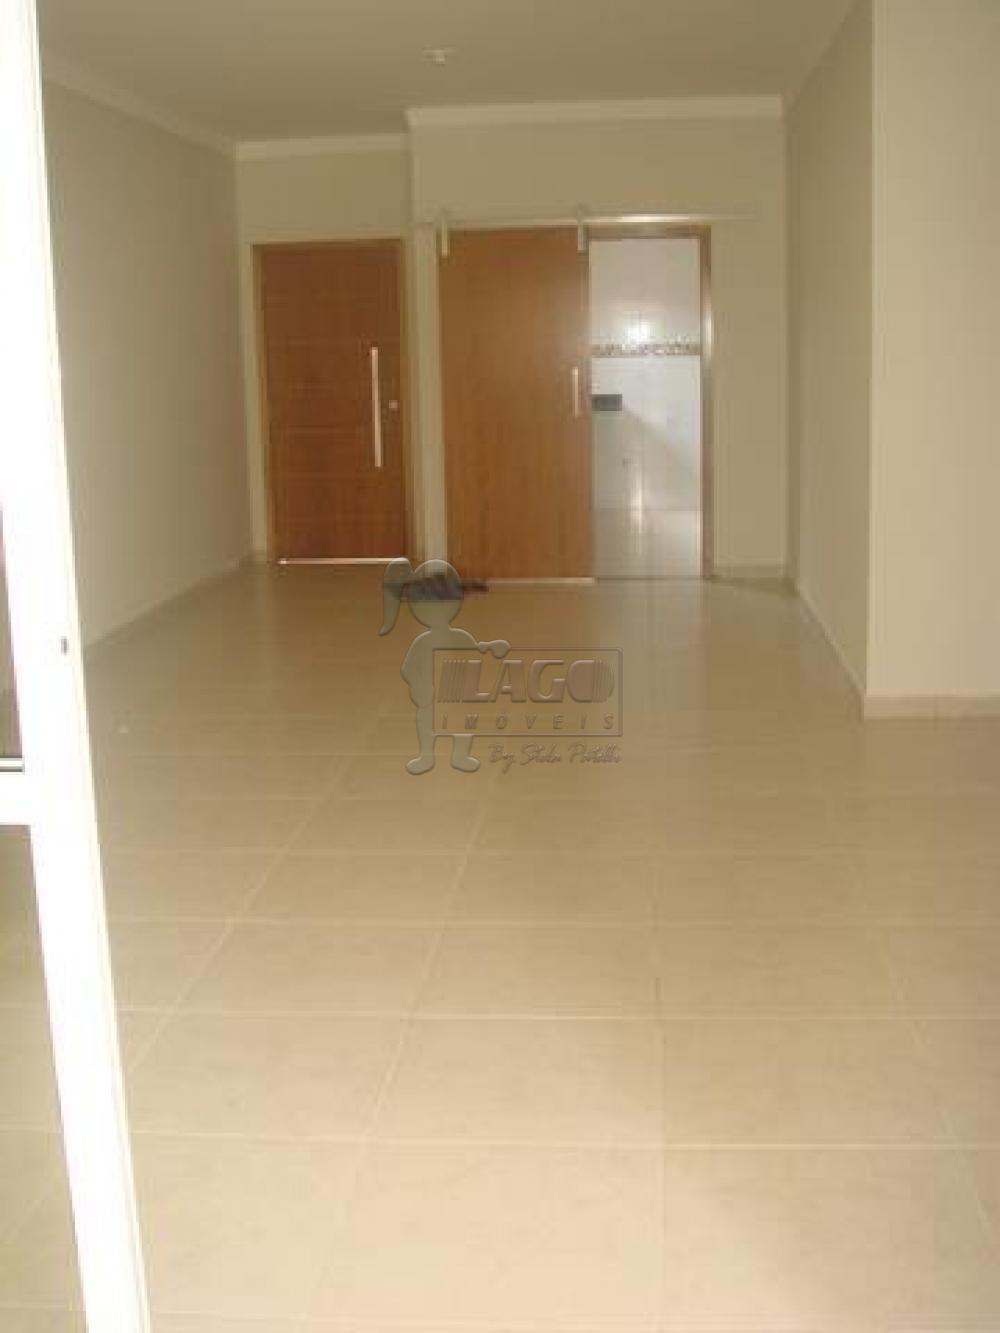 Comprar Casas / Padrão em Bonfim Paulista apenas R$ 500.000,00 - Foto 37